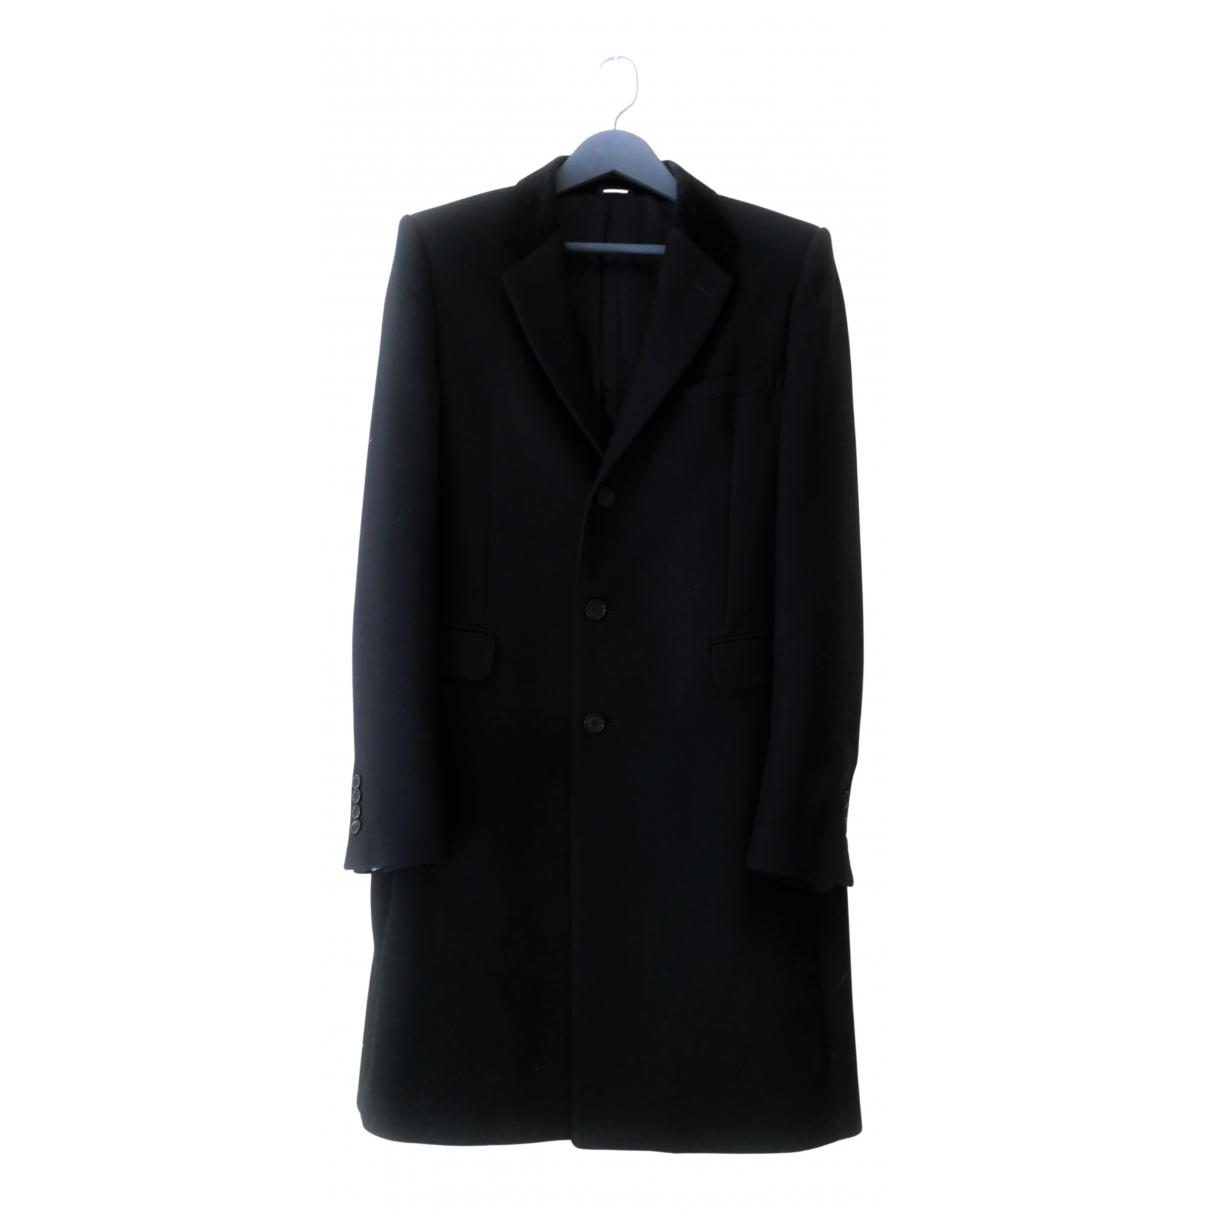 Alexander Mcqueen - Manteau   pour homme en laine - noir